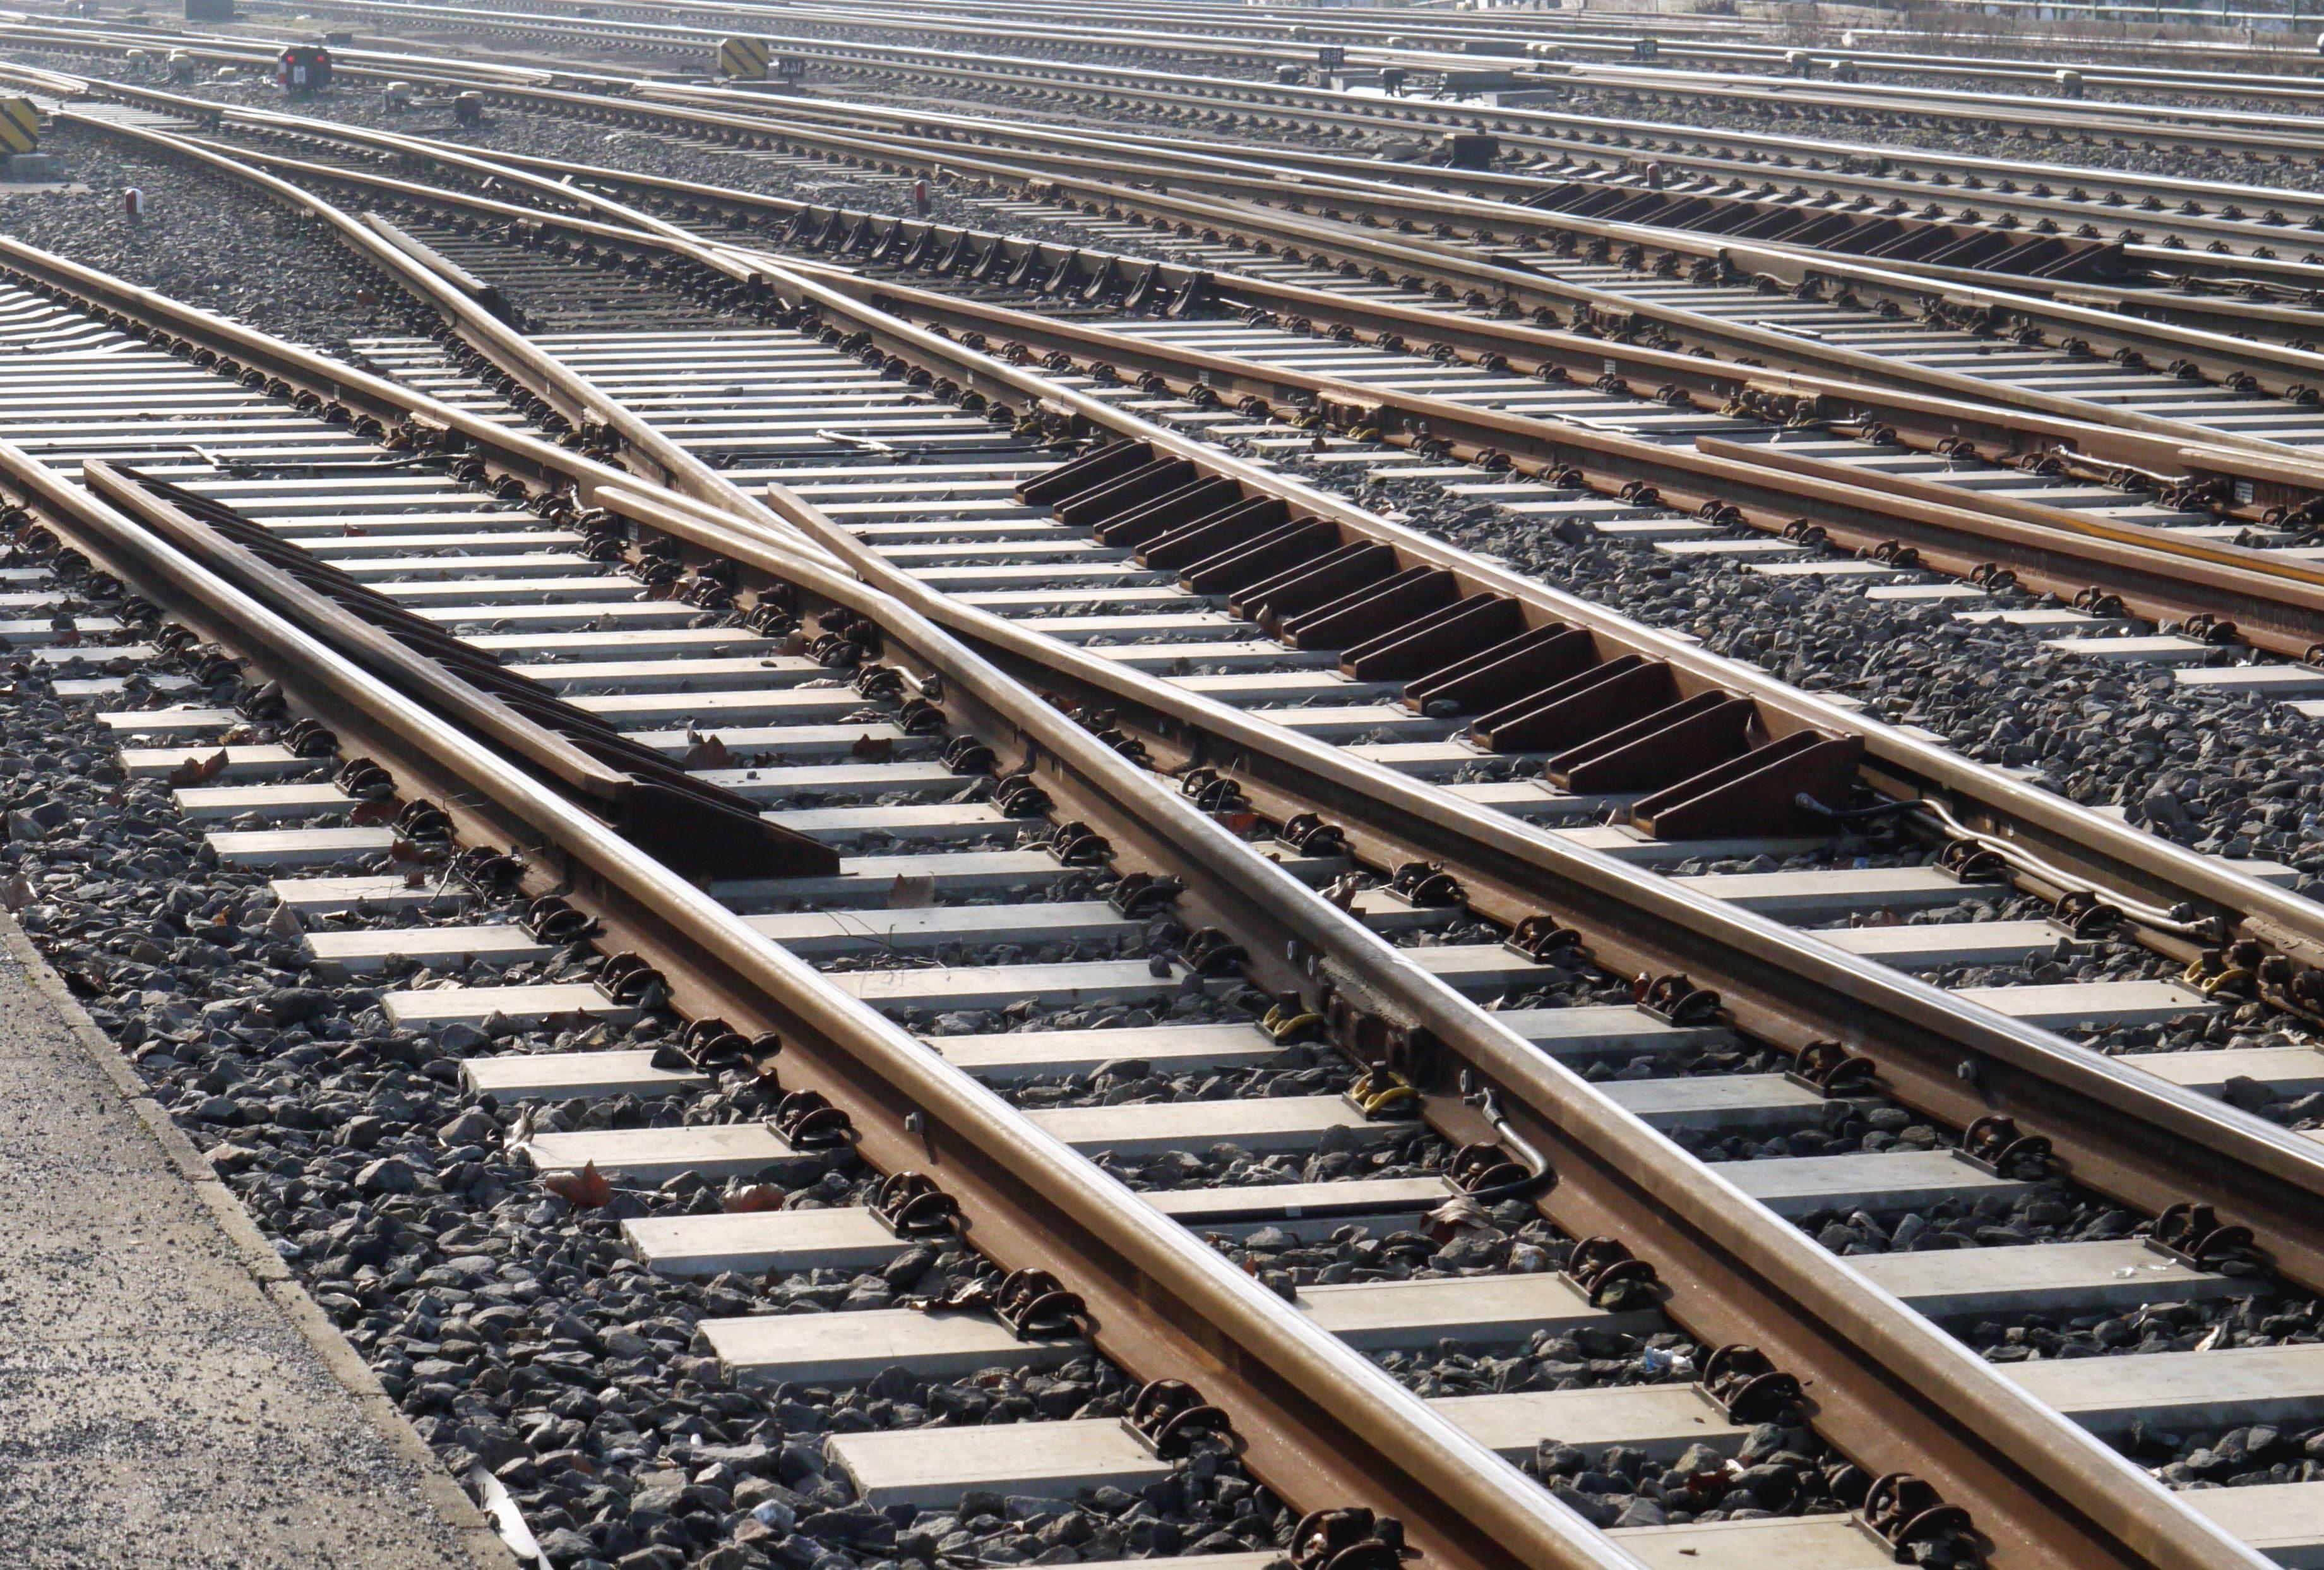 Картинки железной дороги с поездом перроном главным